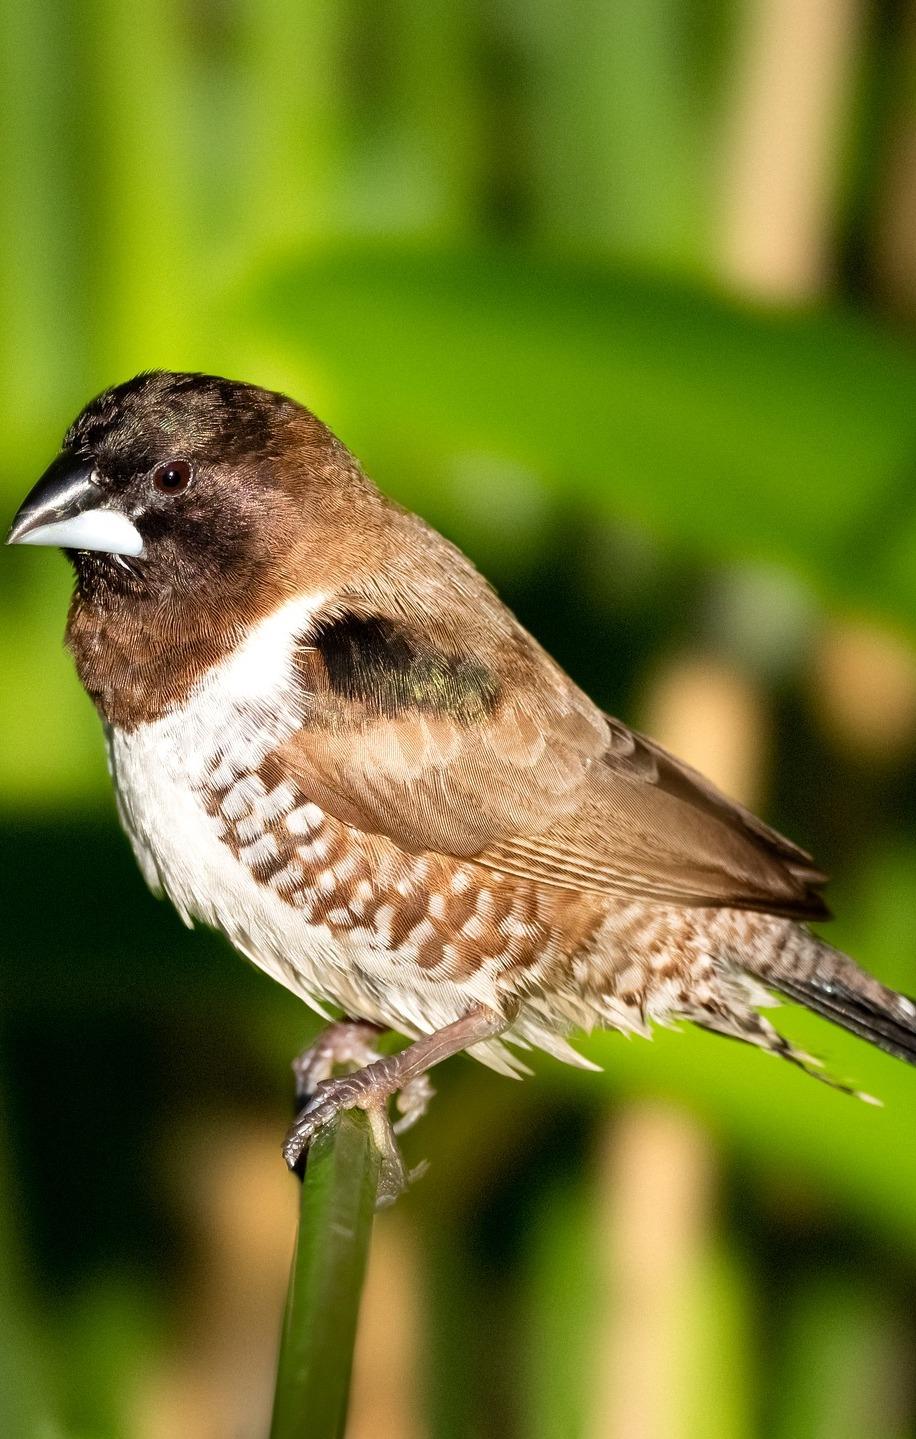 Picture of a bronze mannikin bird.